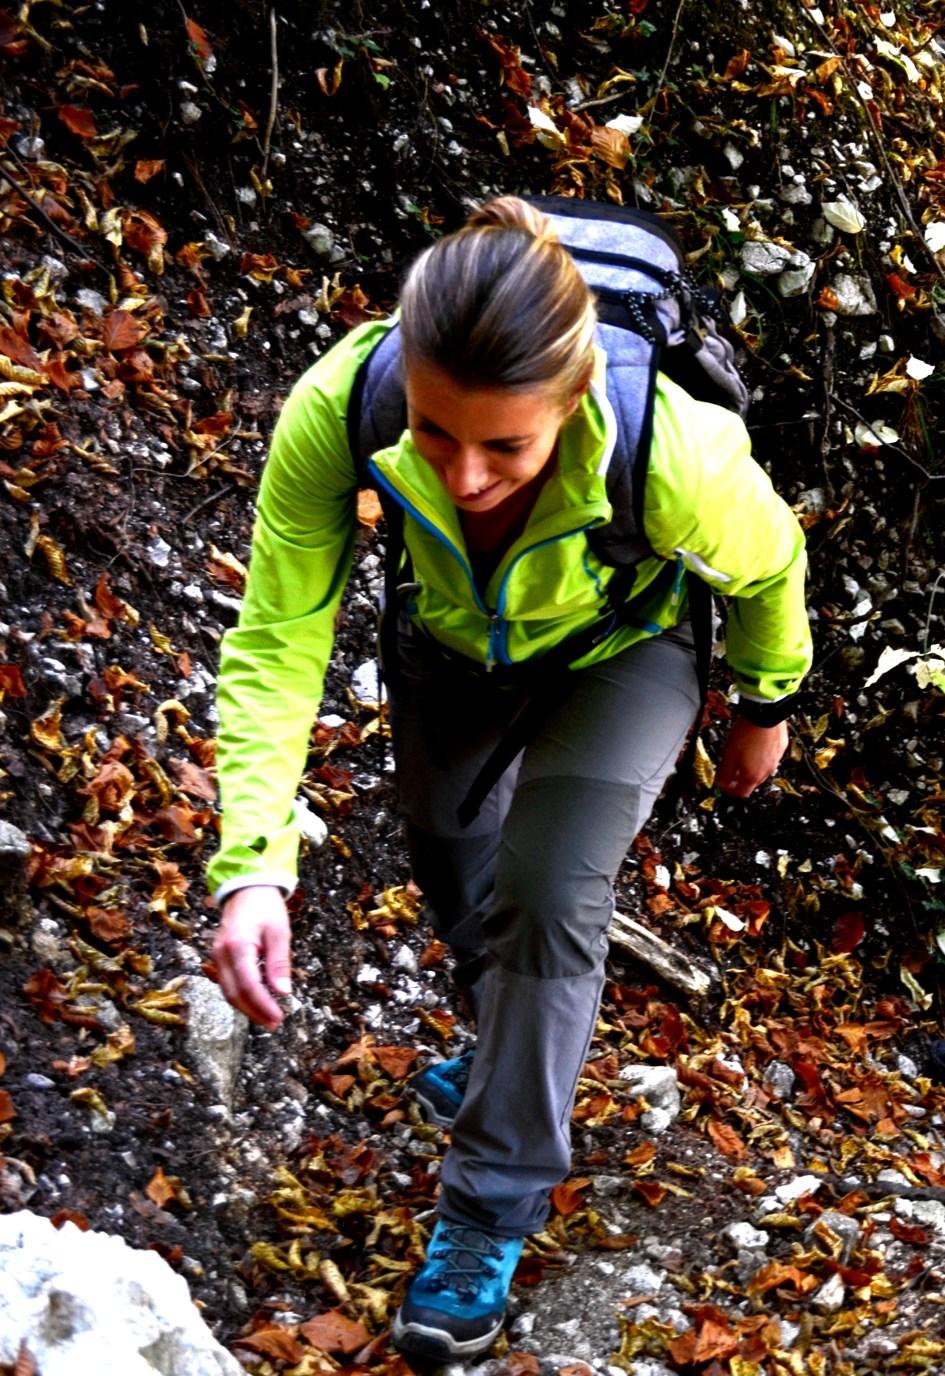 conosci la differenza tra escursionismo, trekking ed hiking